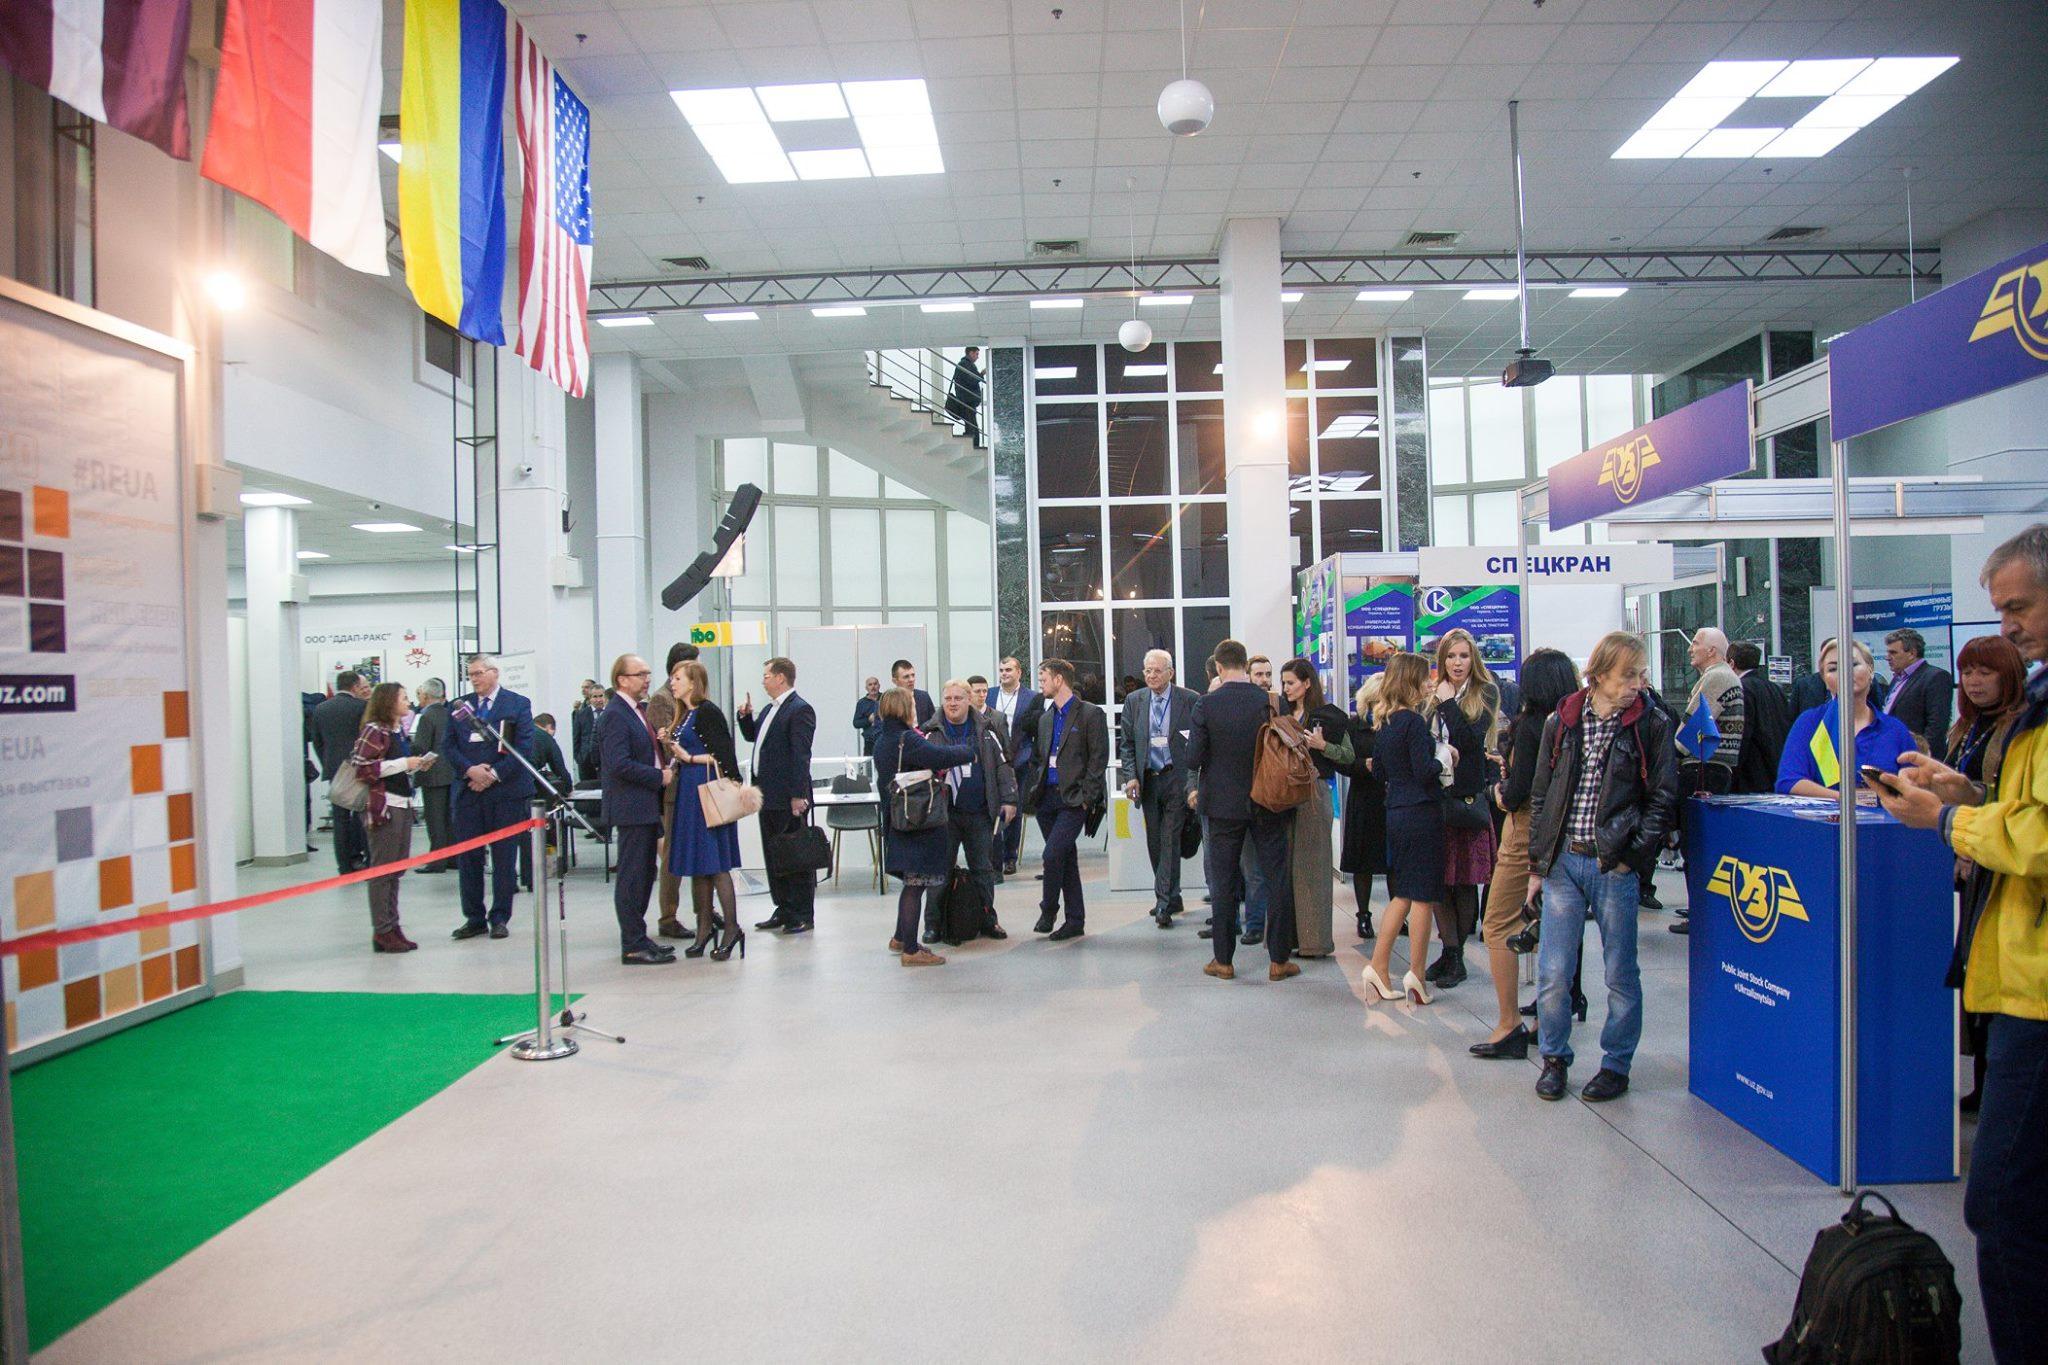 ООО «НПП «ЭКСИММАШ» приняло участие в  выставке Rail Expo 2017